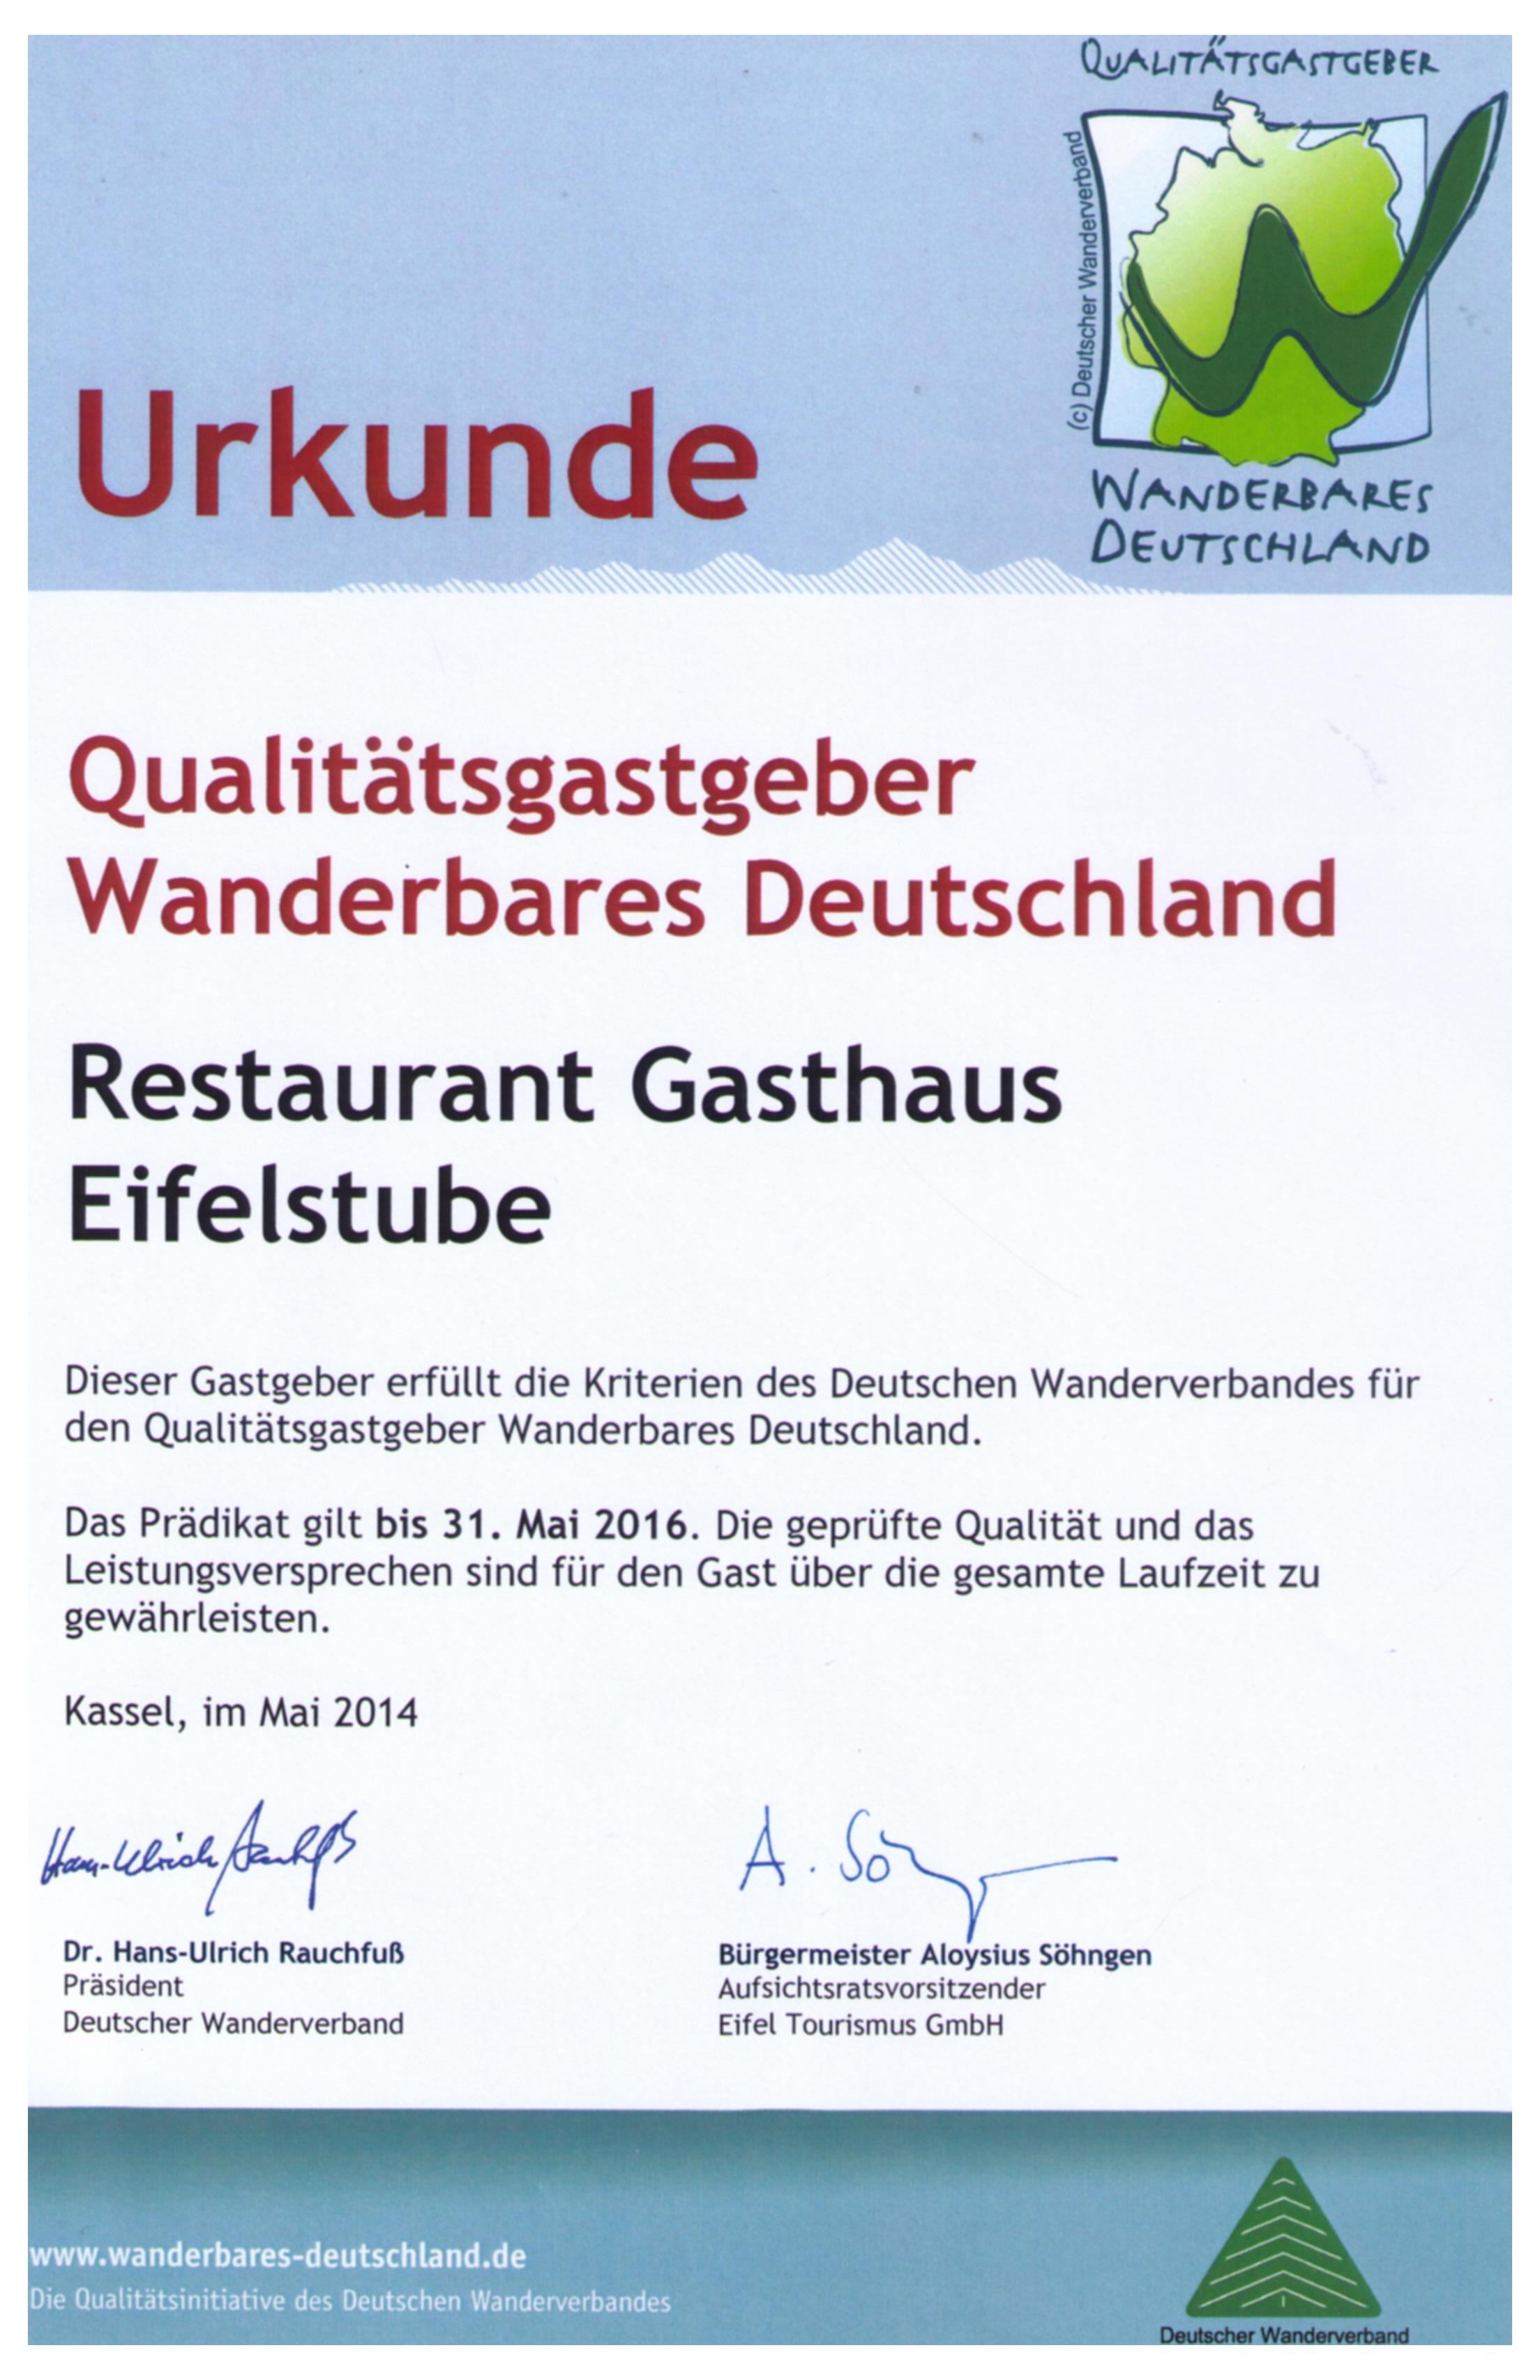 Eifelstube Bewertungen Reviews Auszeichnungen Awards Hotel Restaurant HRS Booking.com Trivago Tripadvisor Wanderbares Deutschland